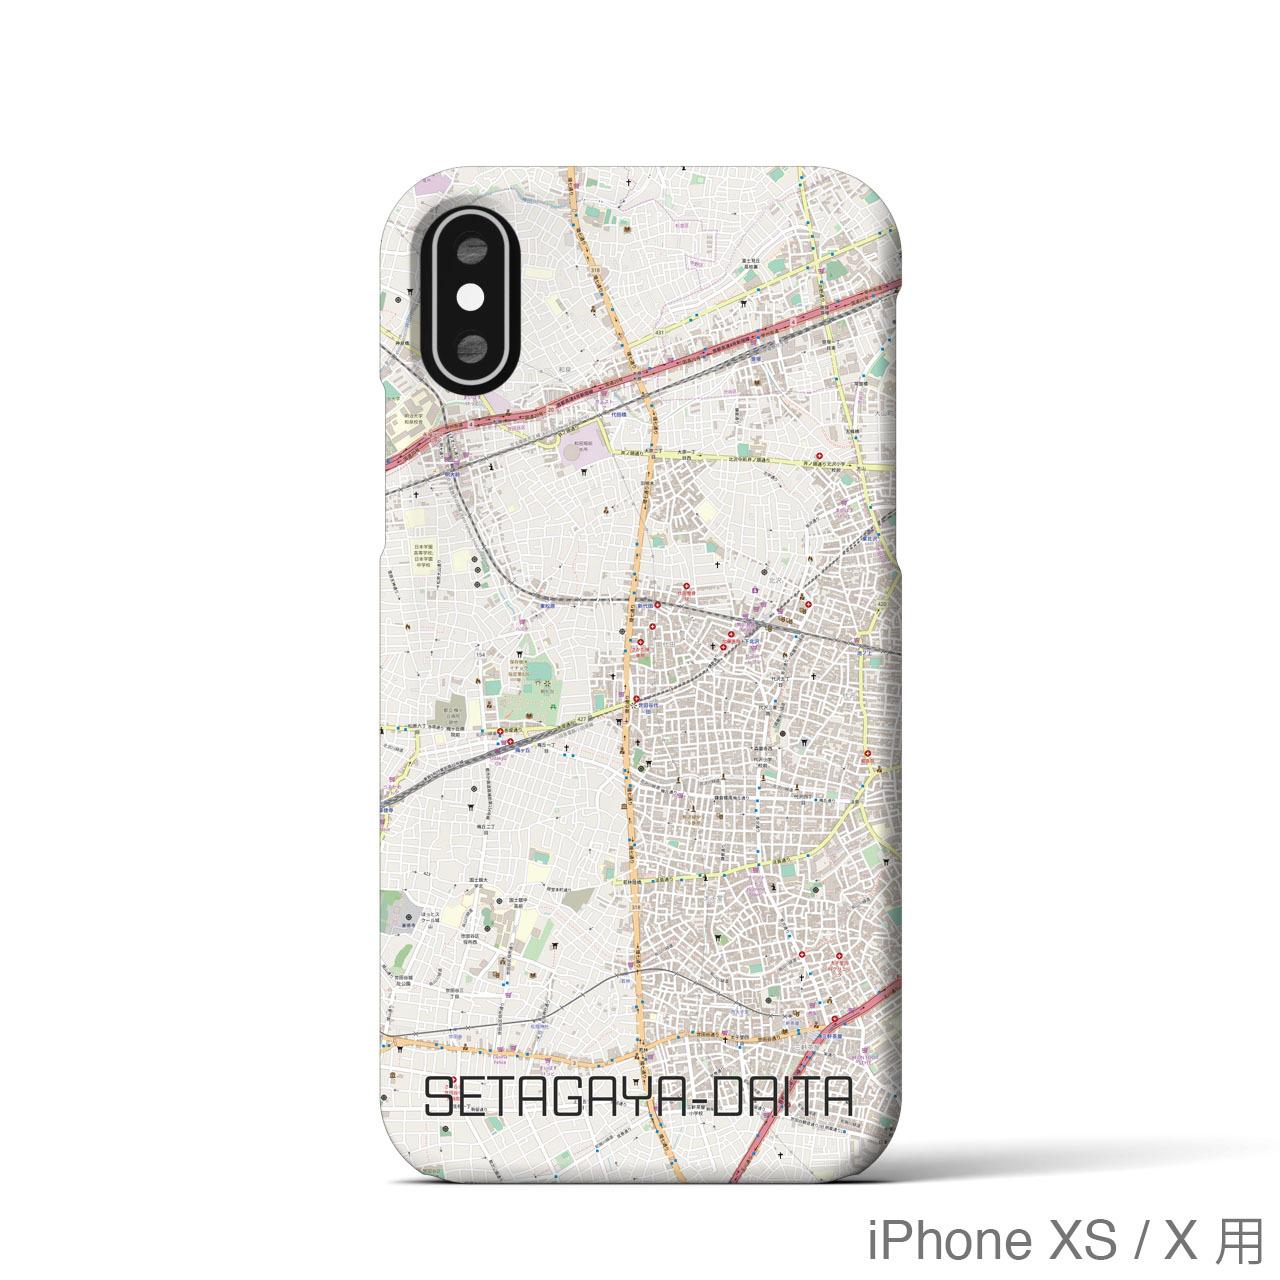 【世田谷代田】地図柄iPhoneケース(バックカバータイプ・ナチュラル)